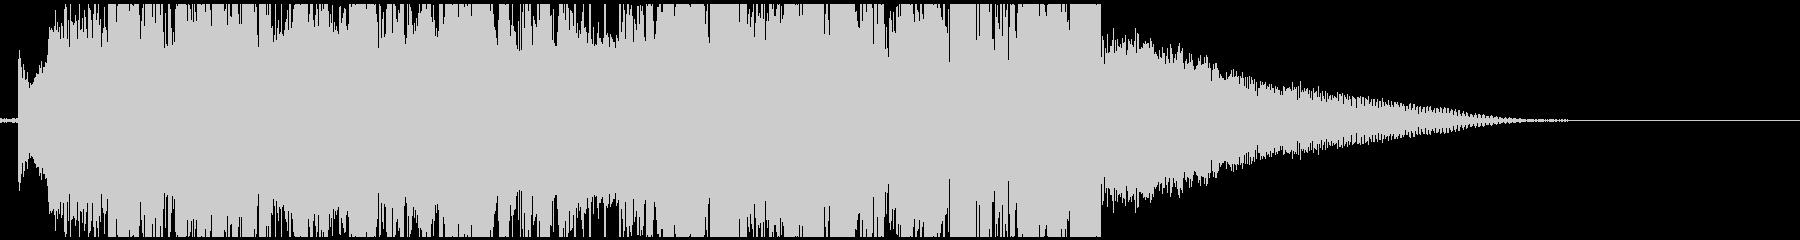 爽やかなFuture Bassのジングルの未再生の波形